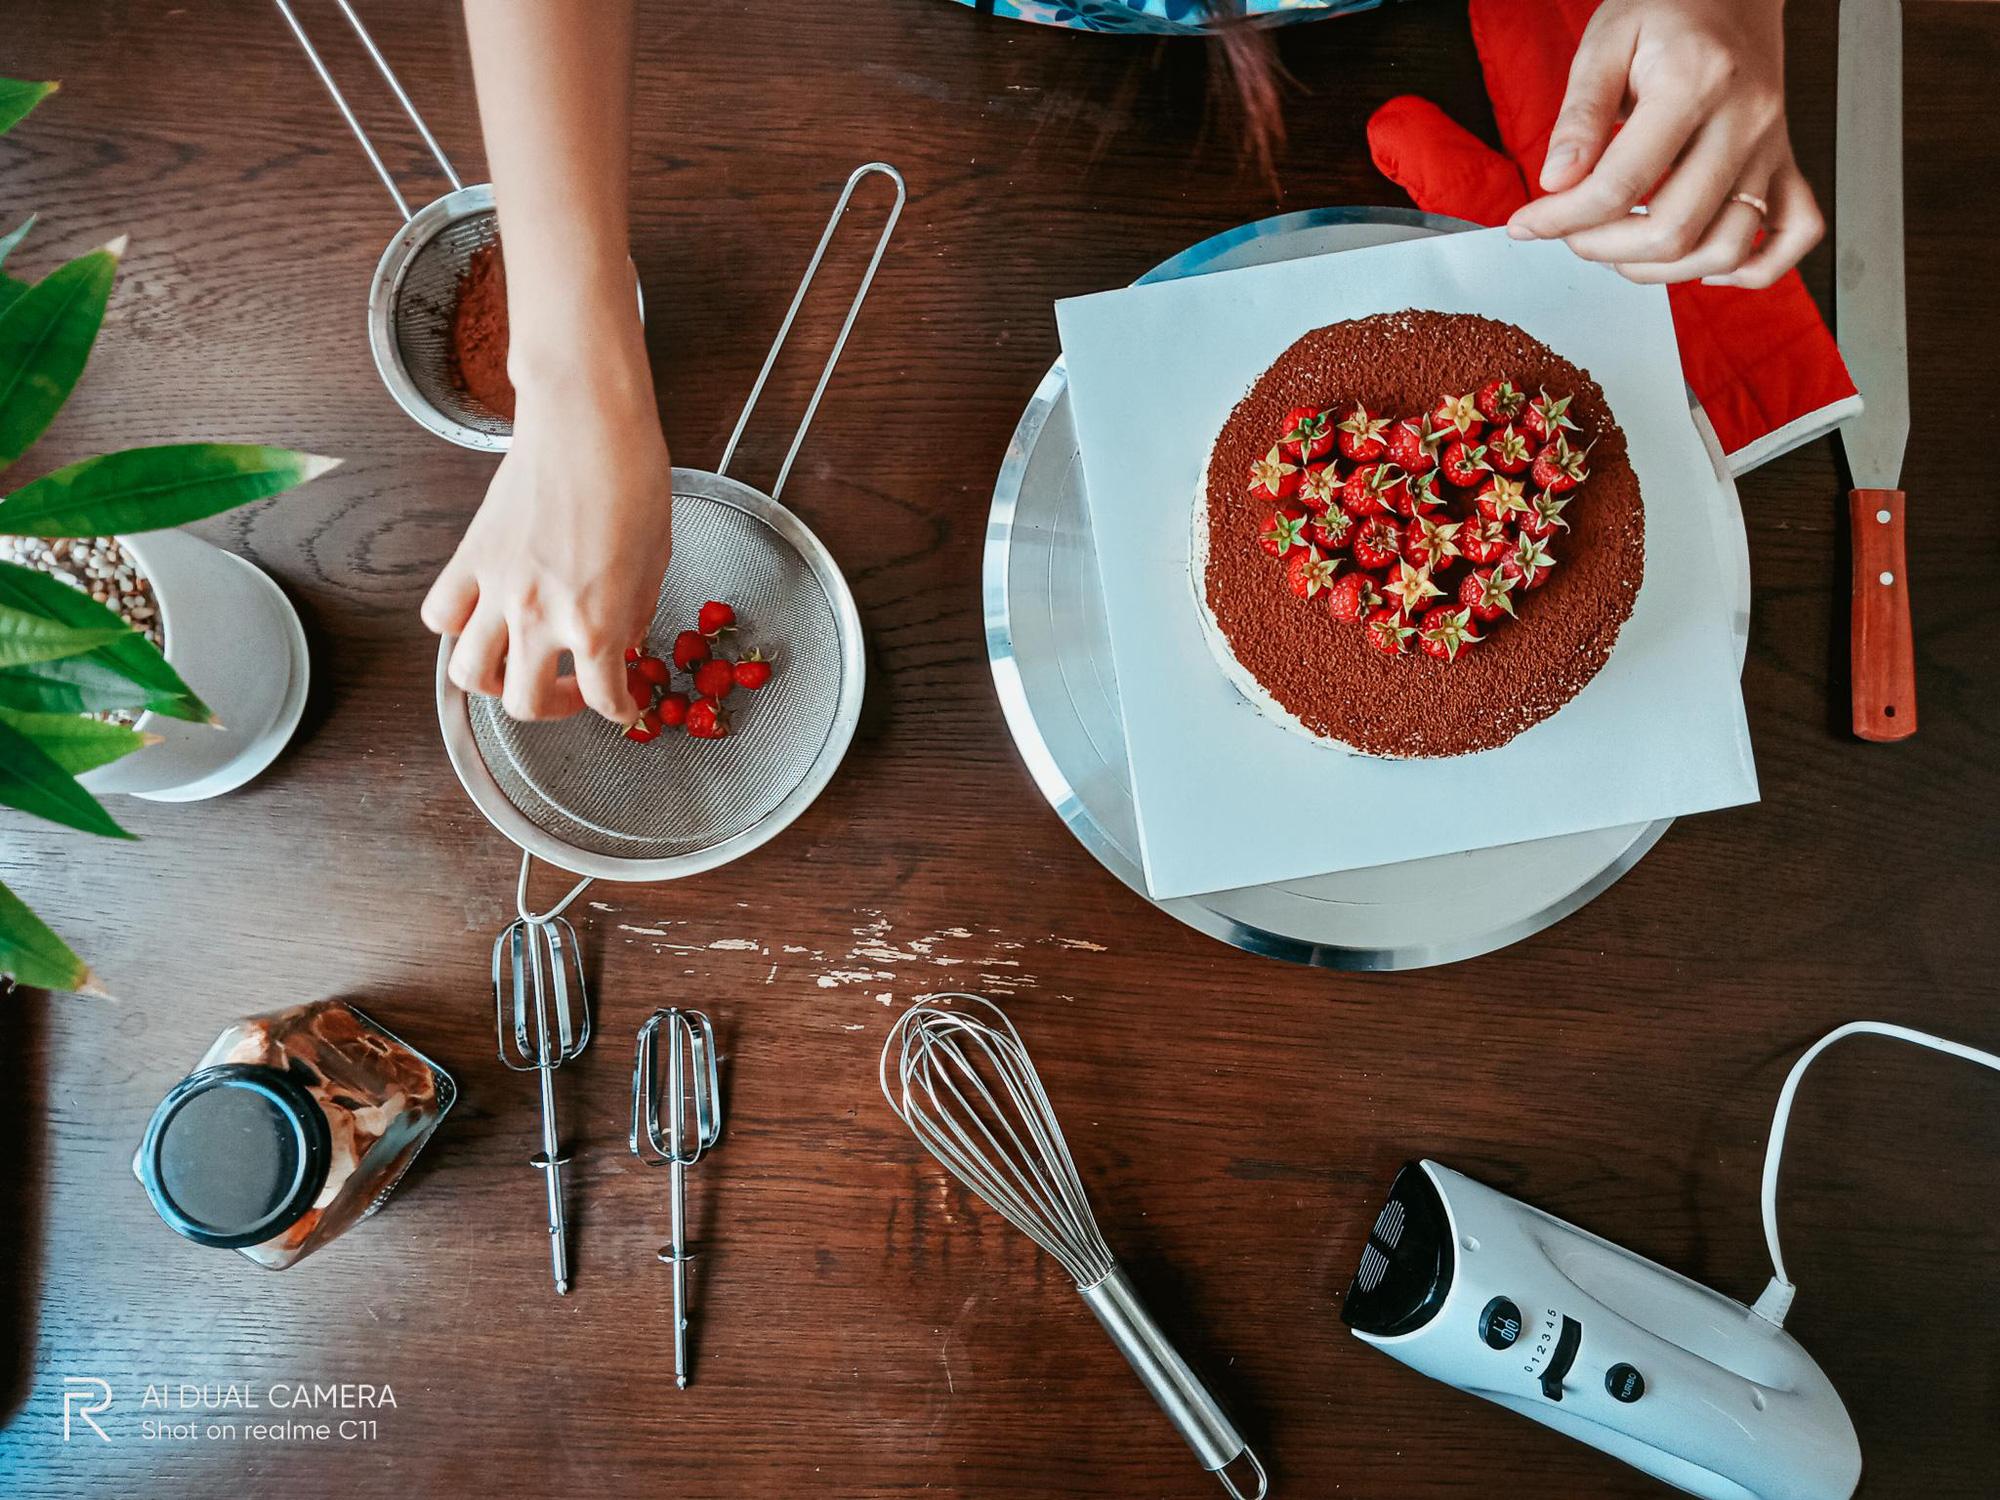 Điều gì khiến cô nàng yêu bếp bỏ đi chơi cuối tuần để nấu nướng? - Ảnh 6.